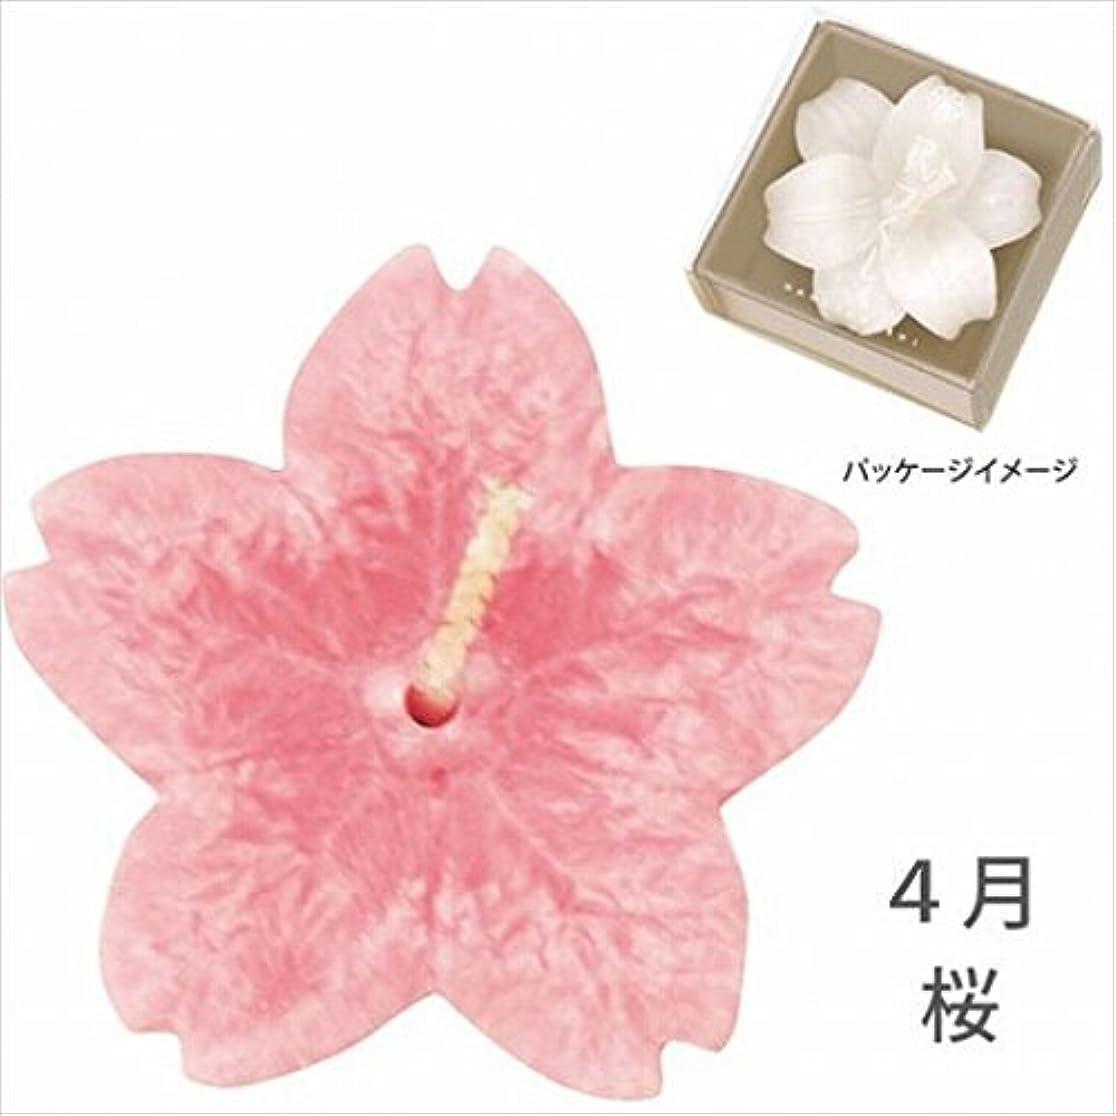 スチール間接的不屈カメヤマキャンドル(kameyama candle) 花づくし(植物性) 桜 「 桜(4月) 」 キャンドル